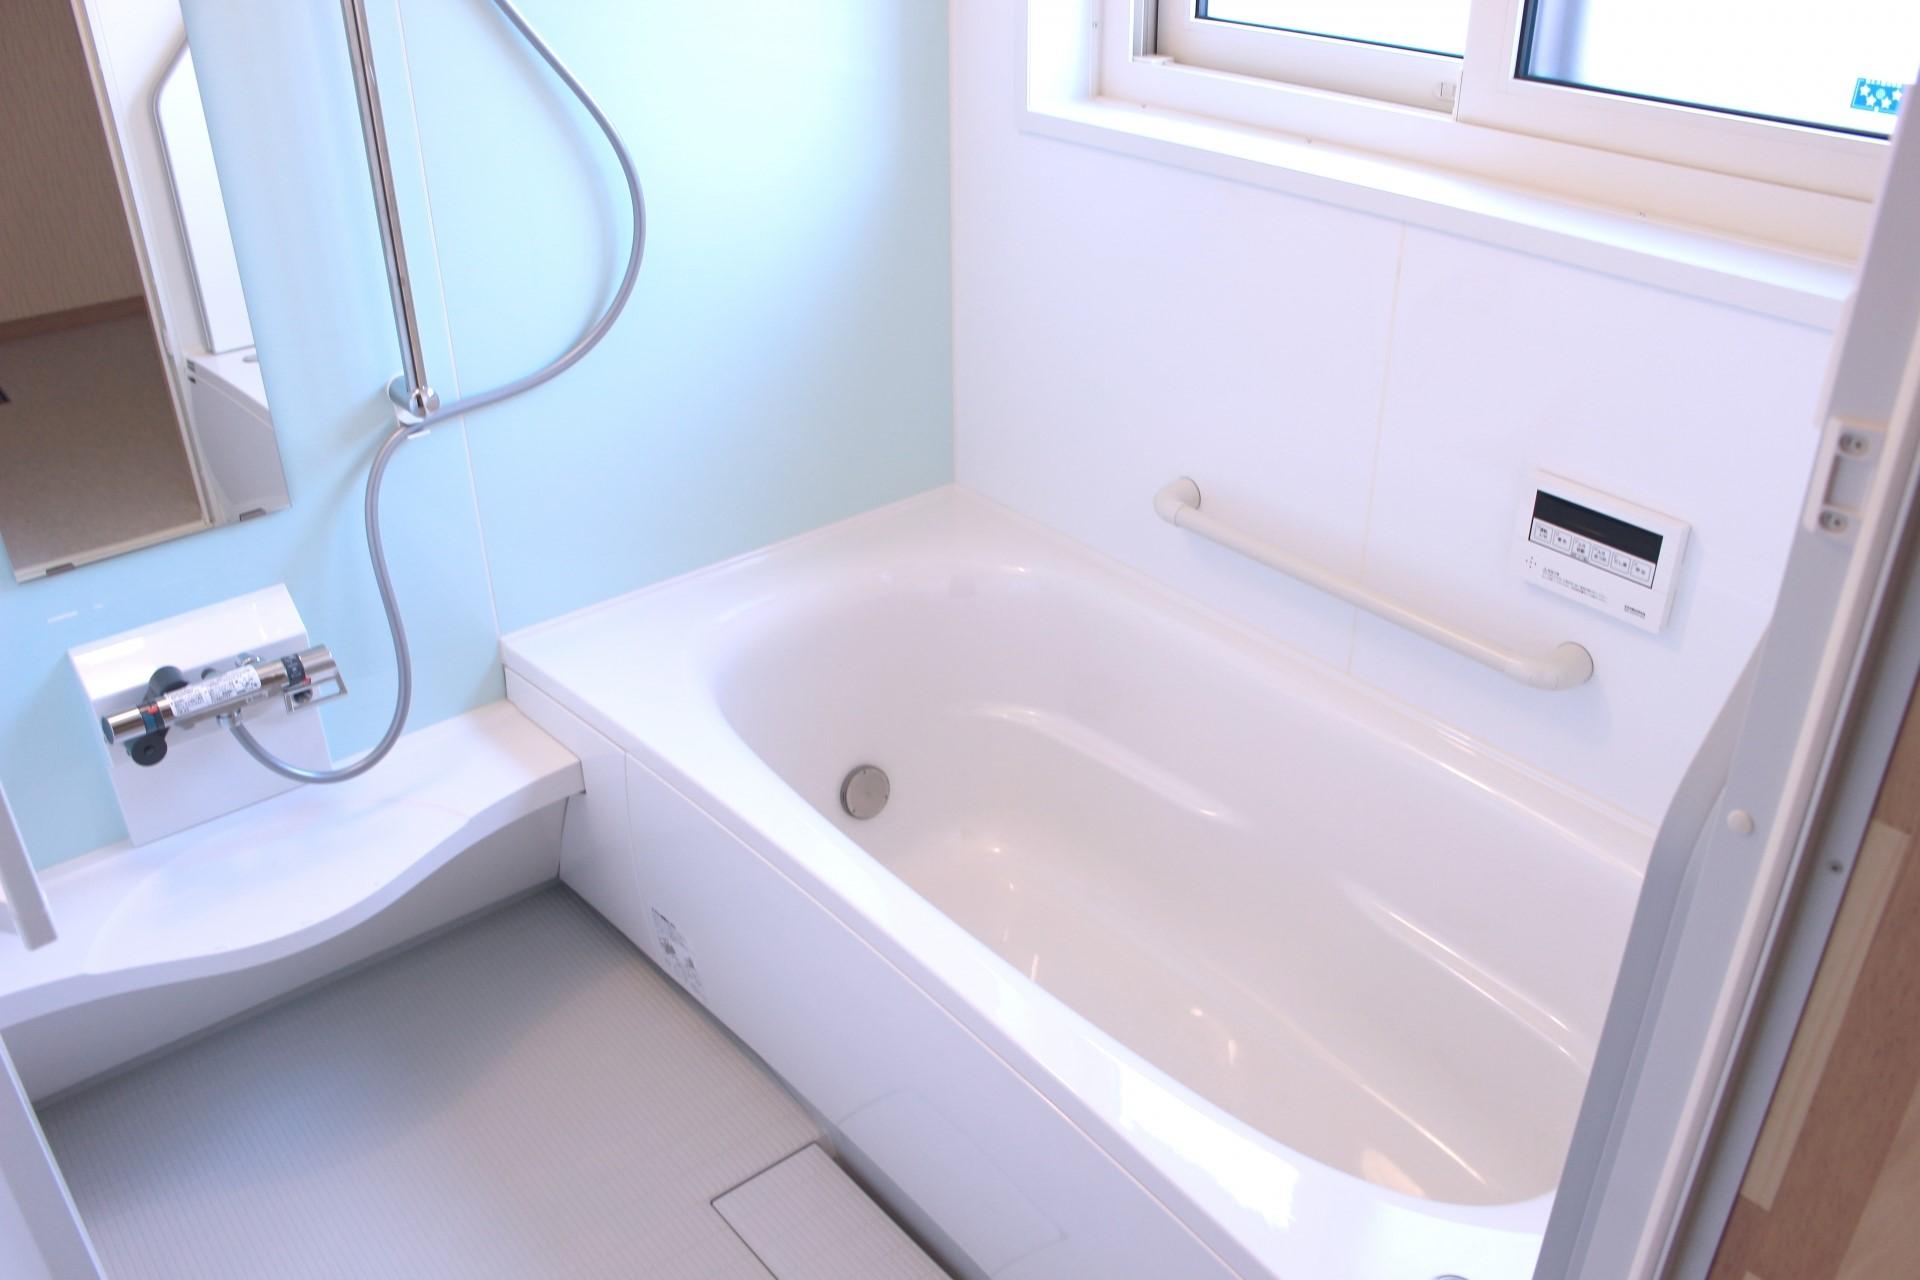 浴室壁のカビ殺菌方法